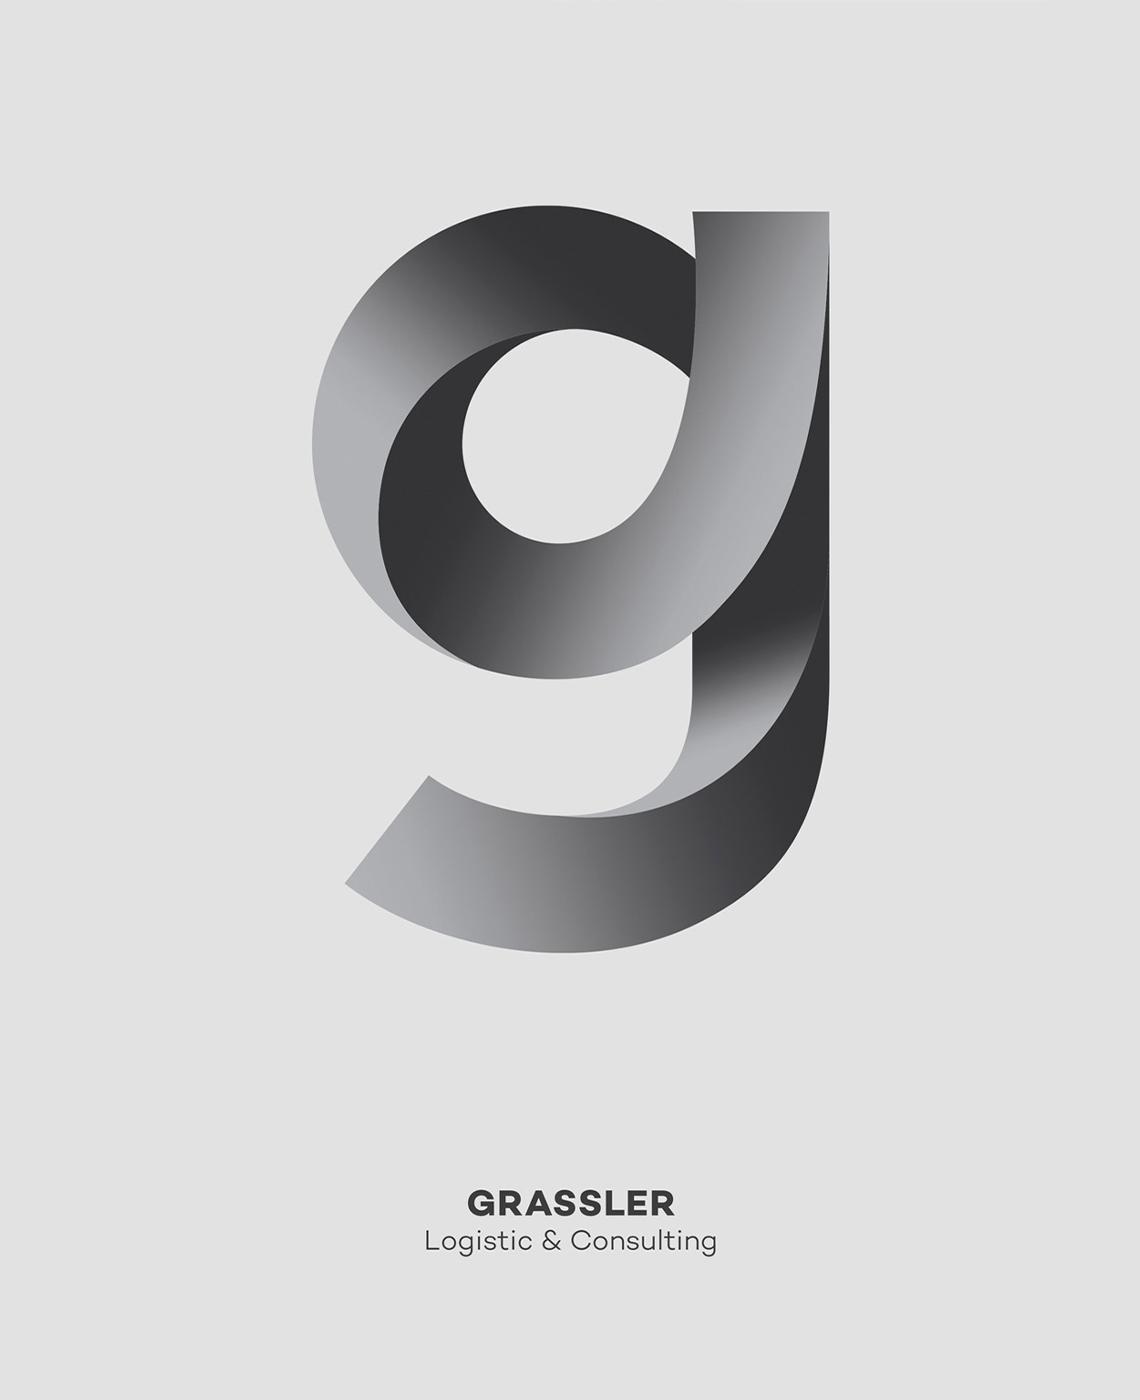 grassler_logistic_logo